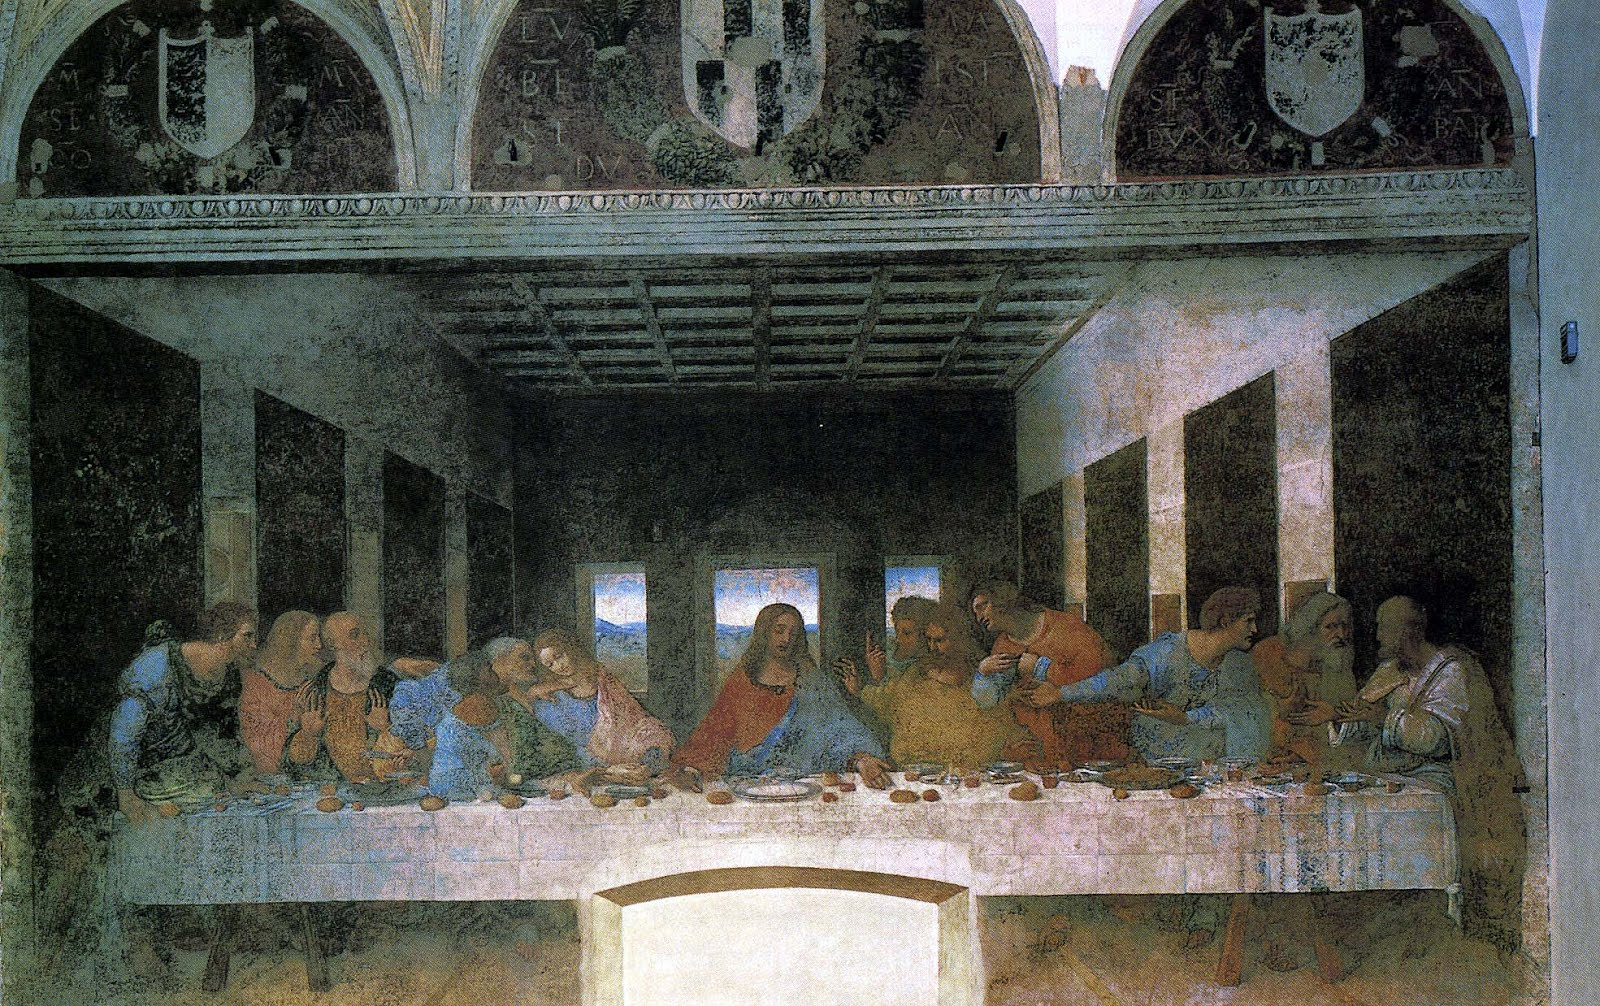 Professor Blanchard's Class Blog: The High Renaissance Da Vinci Last Supper Restored